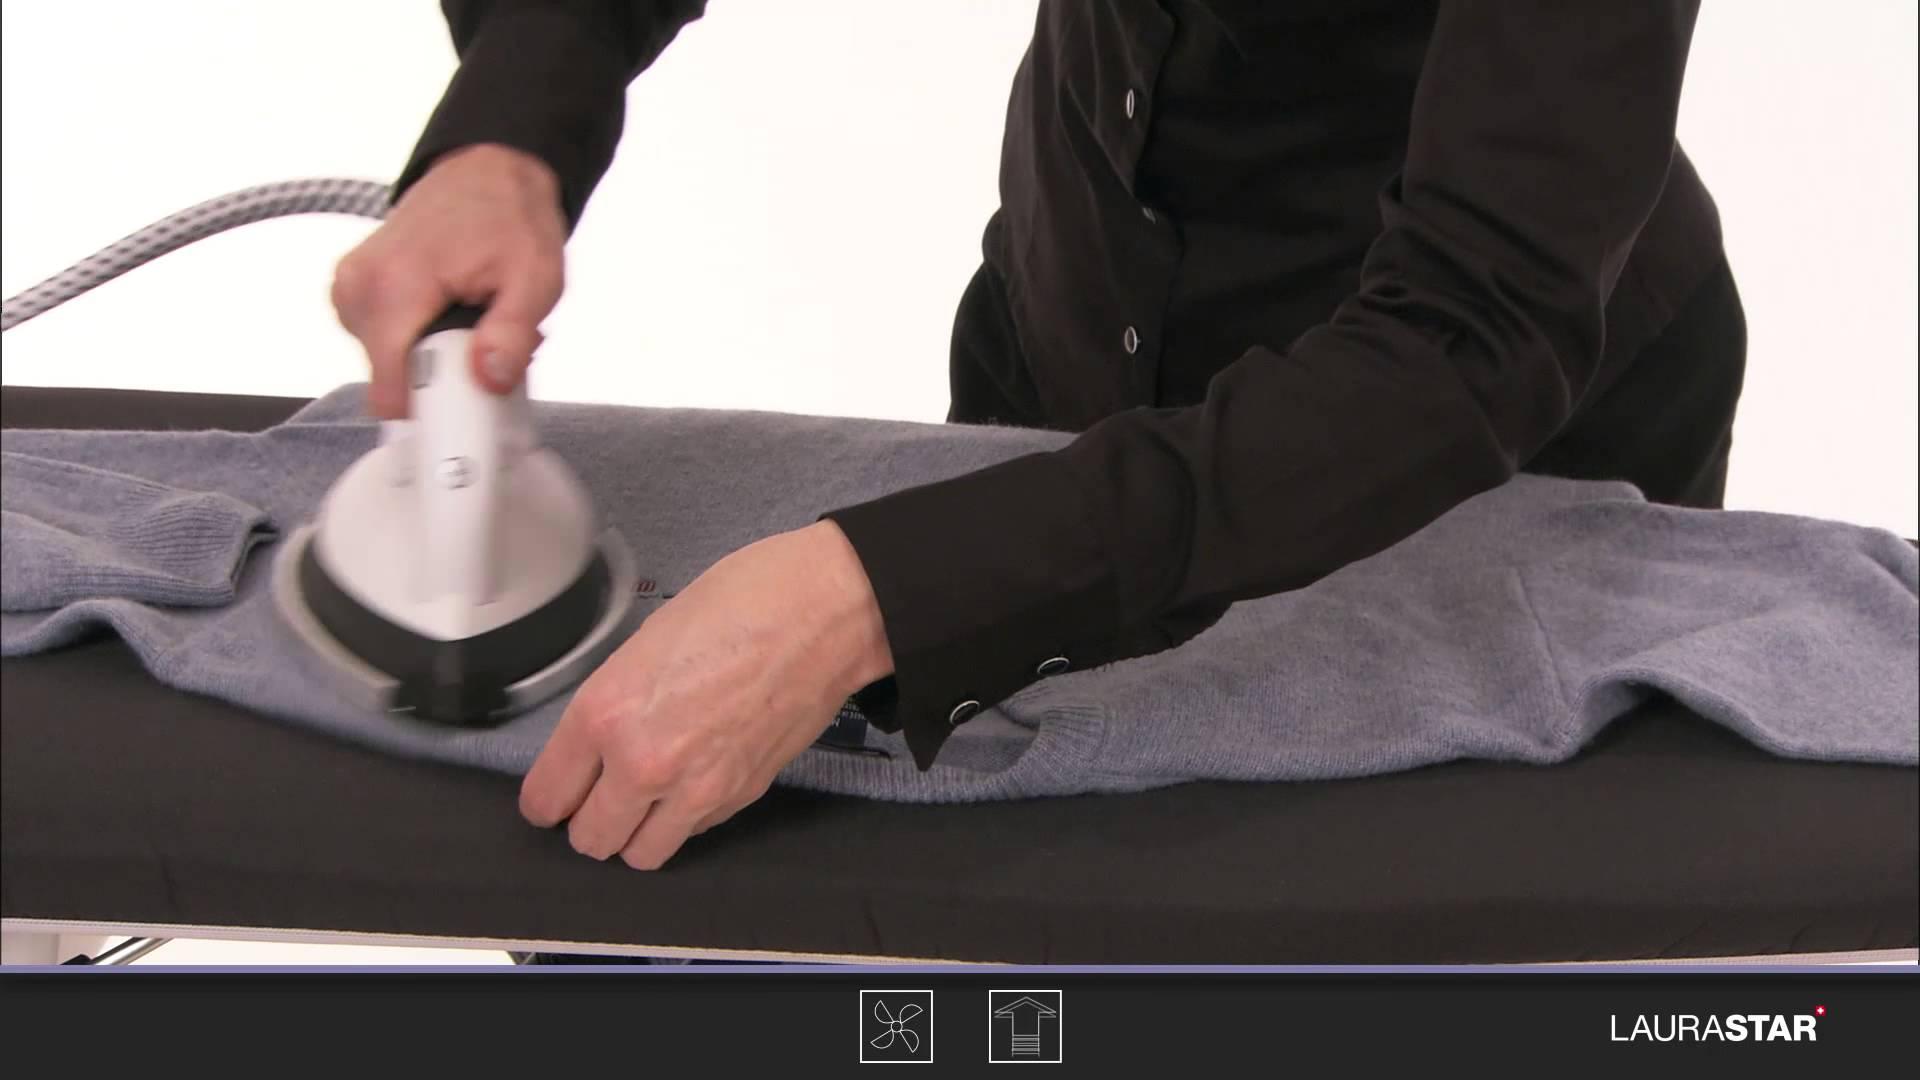 Laurastar – So bügeln Sie Ihren Wollpulli richtig